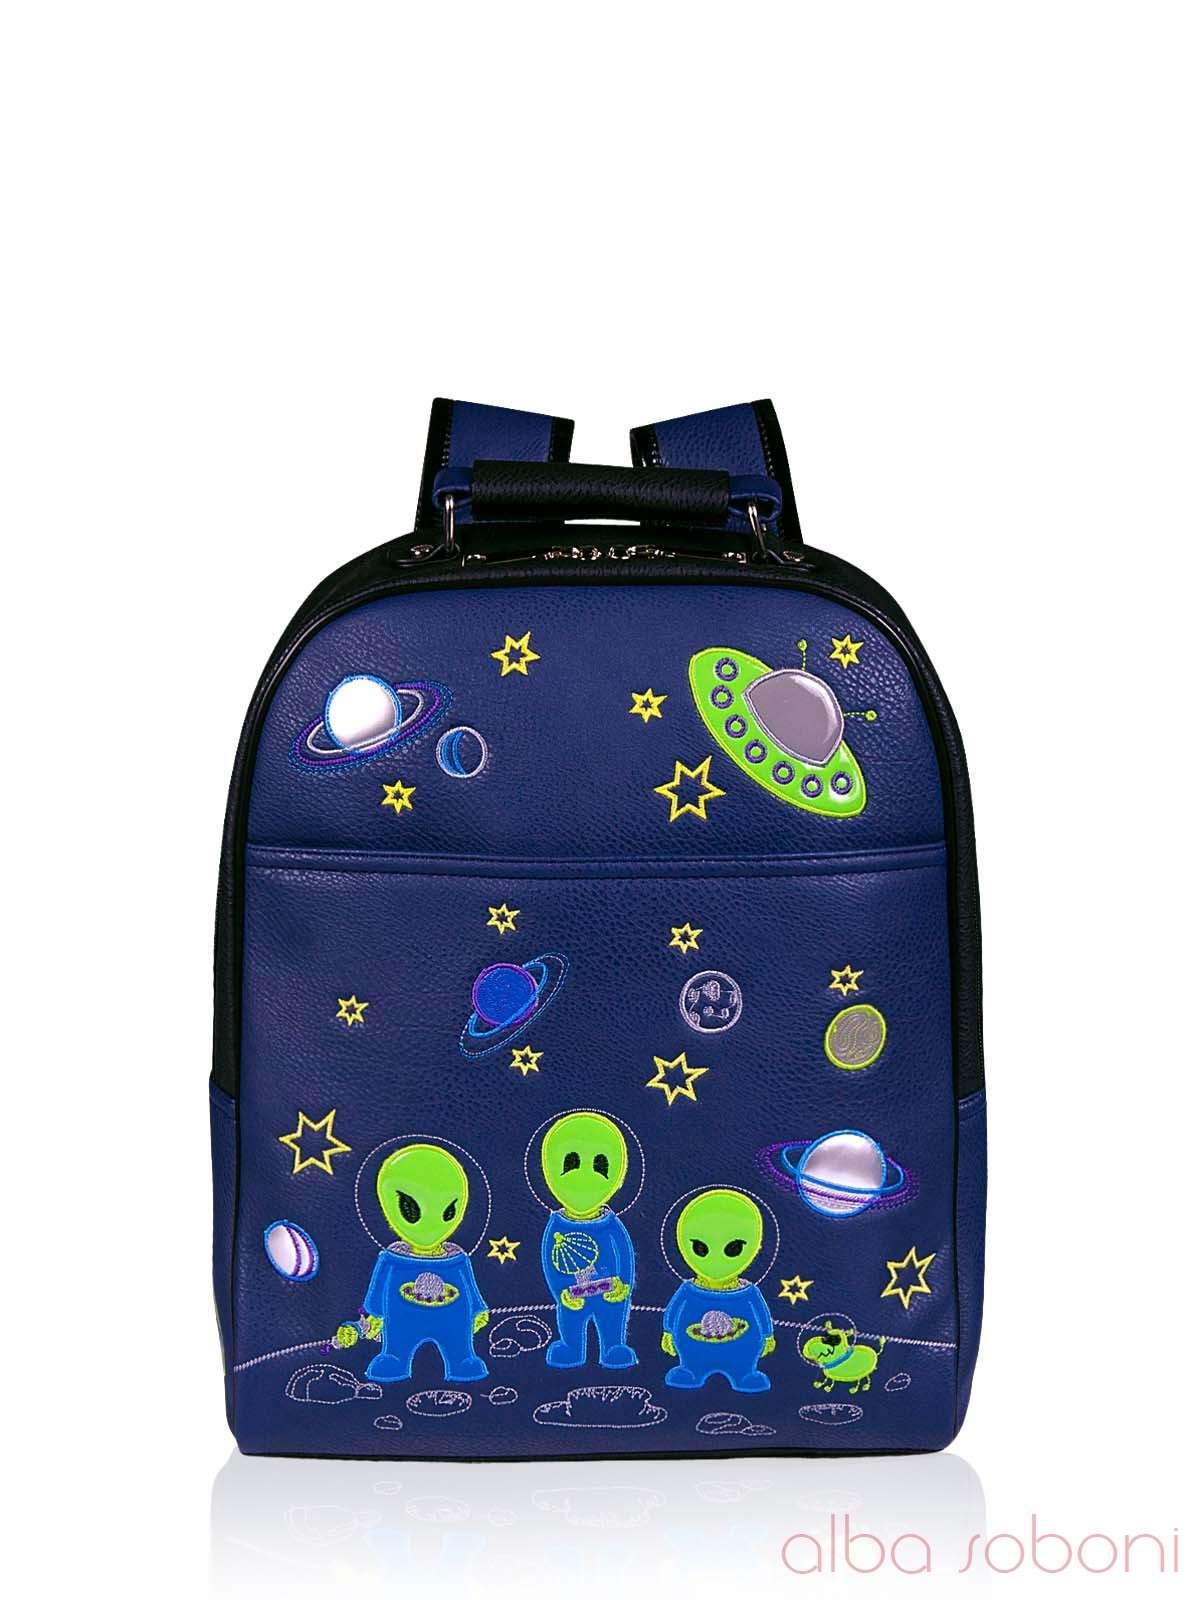 Шкільний рюкзак, модель 140708 синьо-чорний. Фото товару, вид спереду. 3b68faf96e5